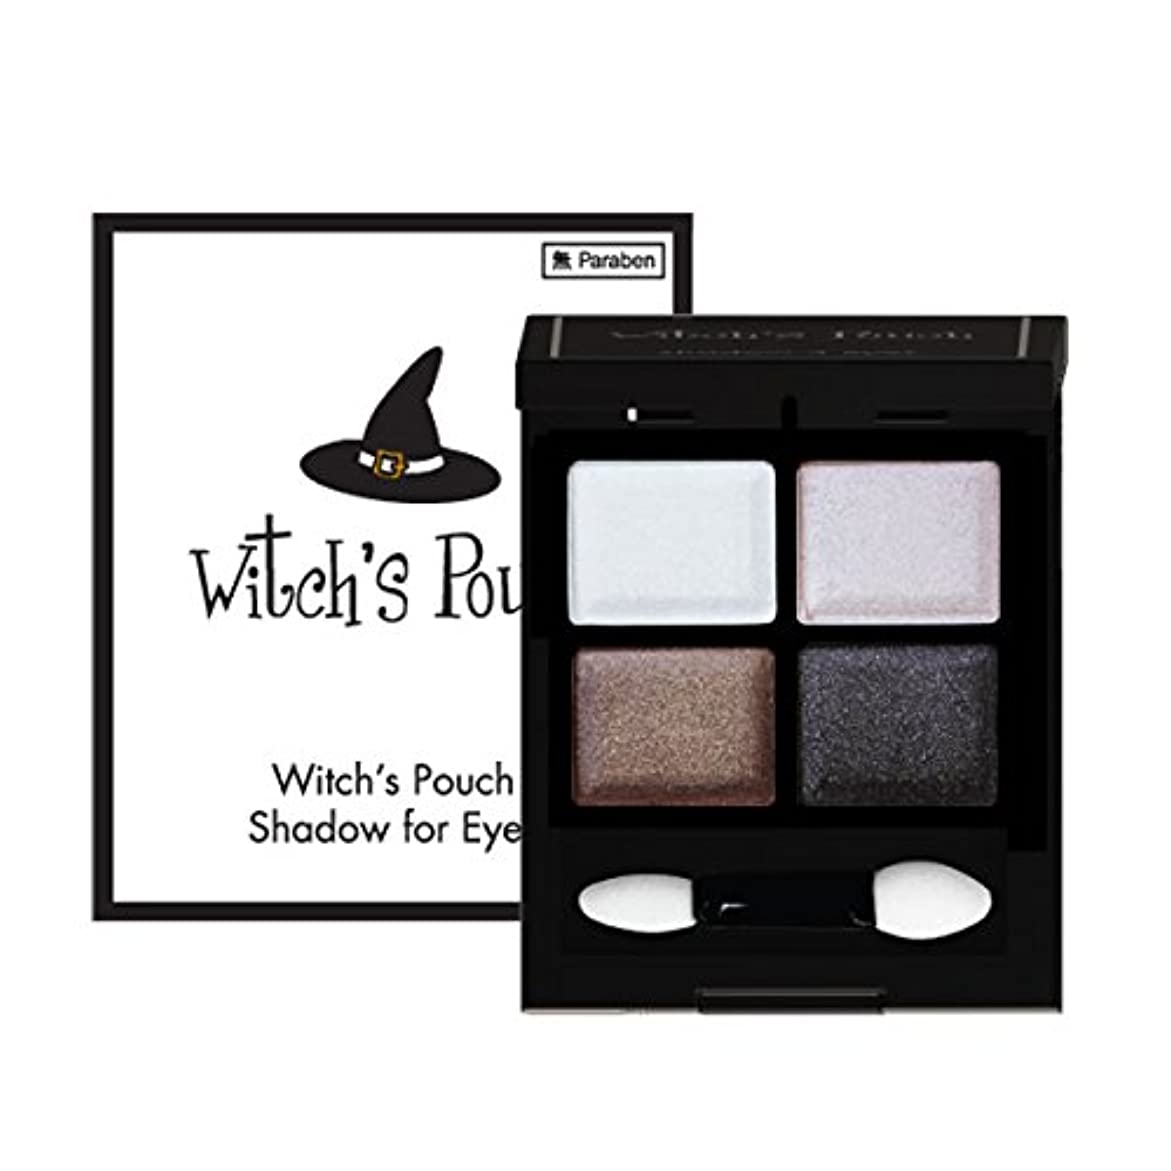 検出病な船上Witch's Pouch ウィッチズポーチ シャドウフォーアイズ SD5 グラムブラウン